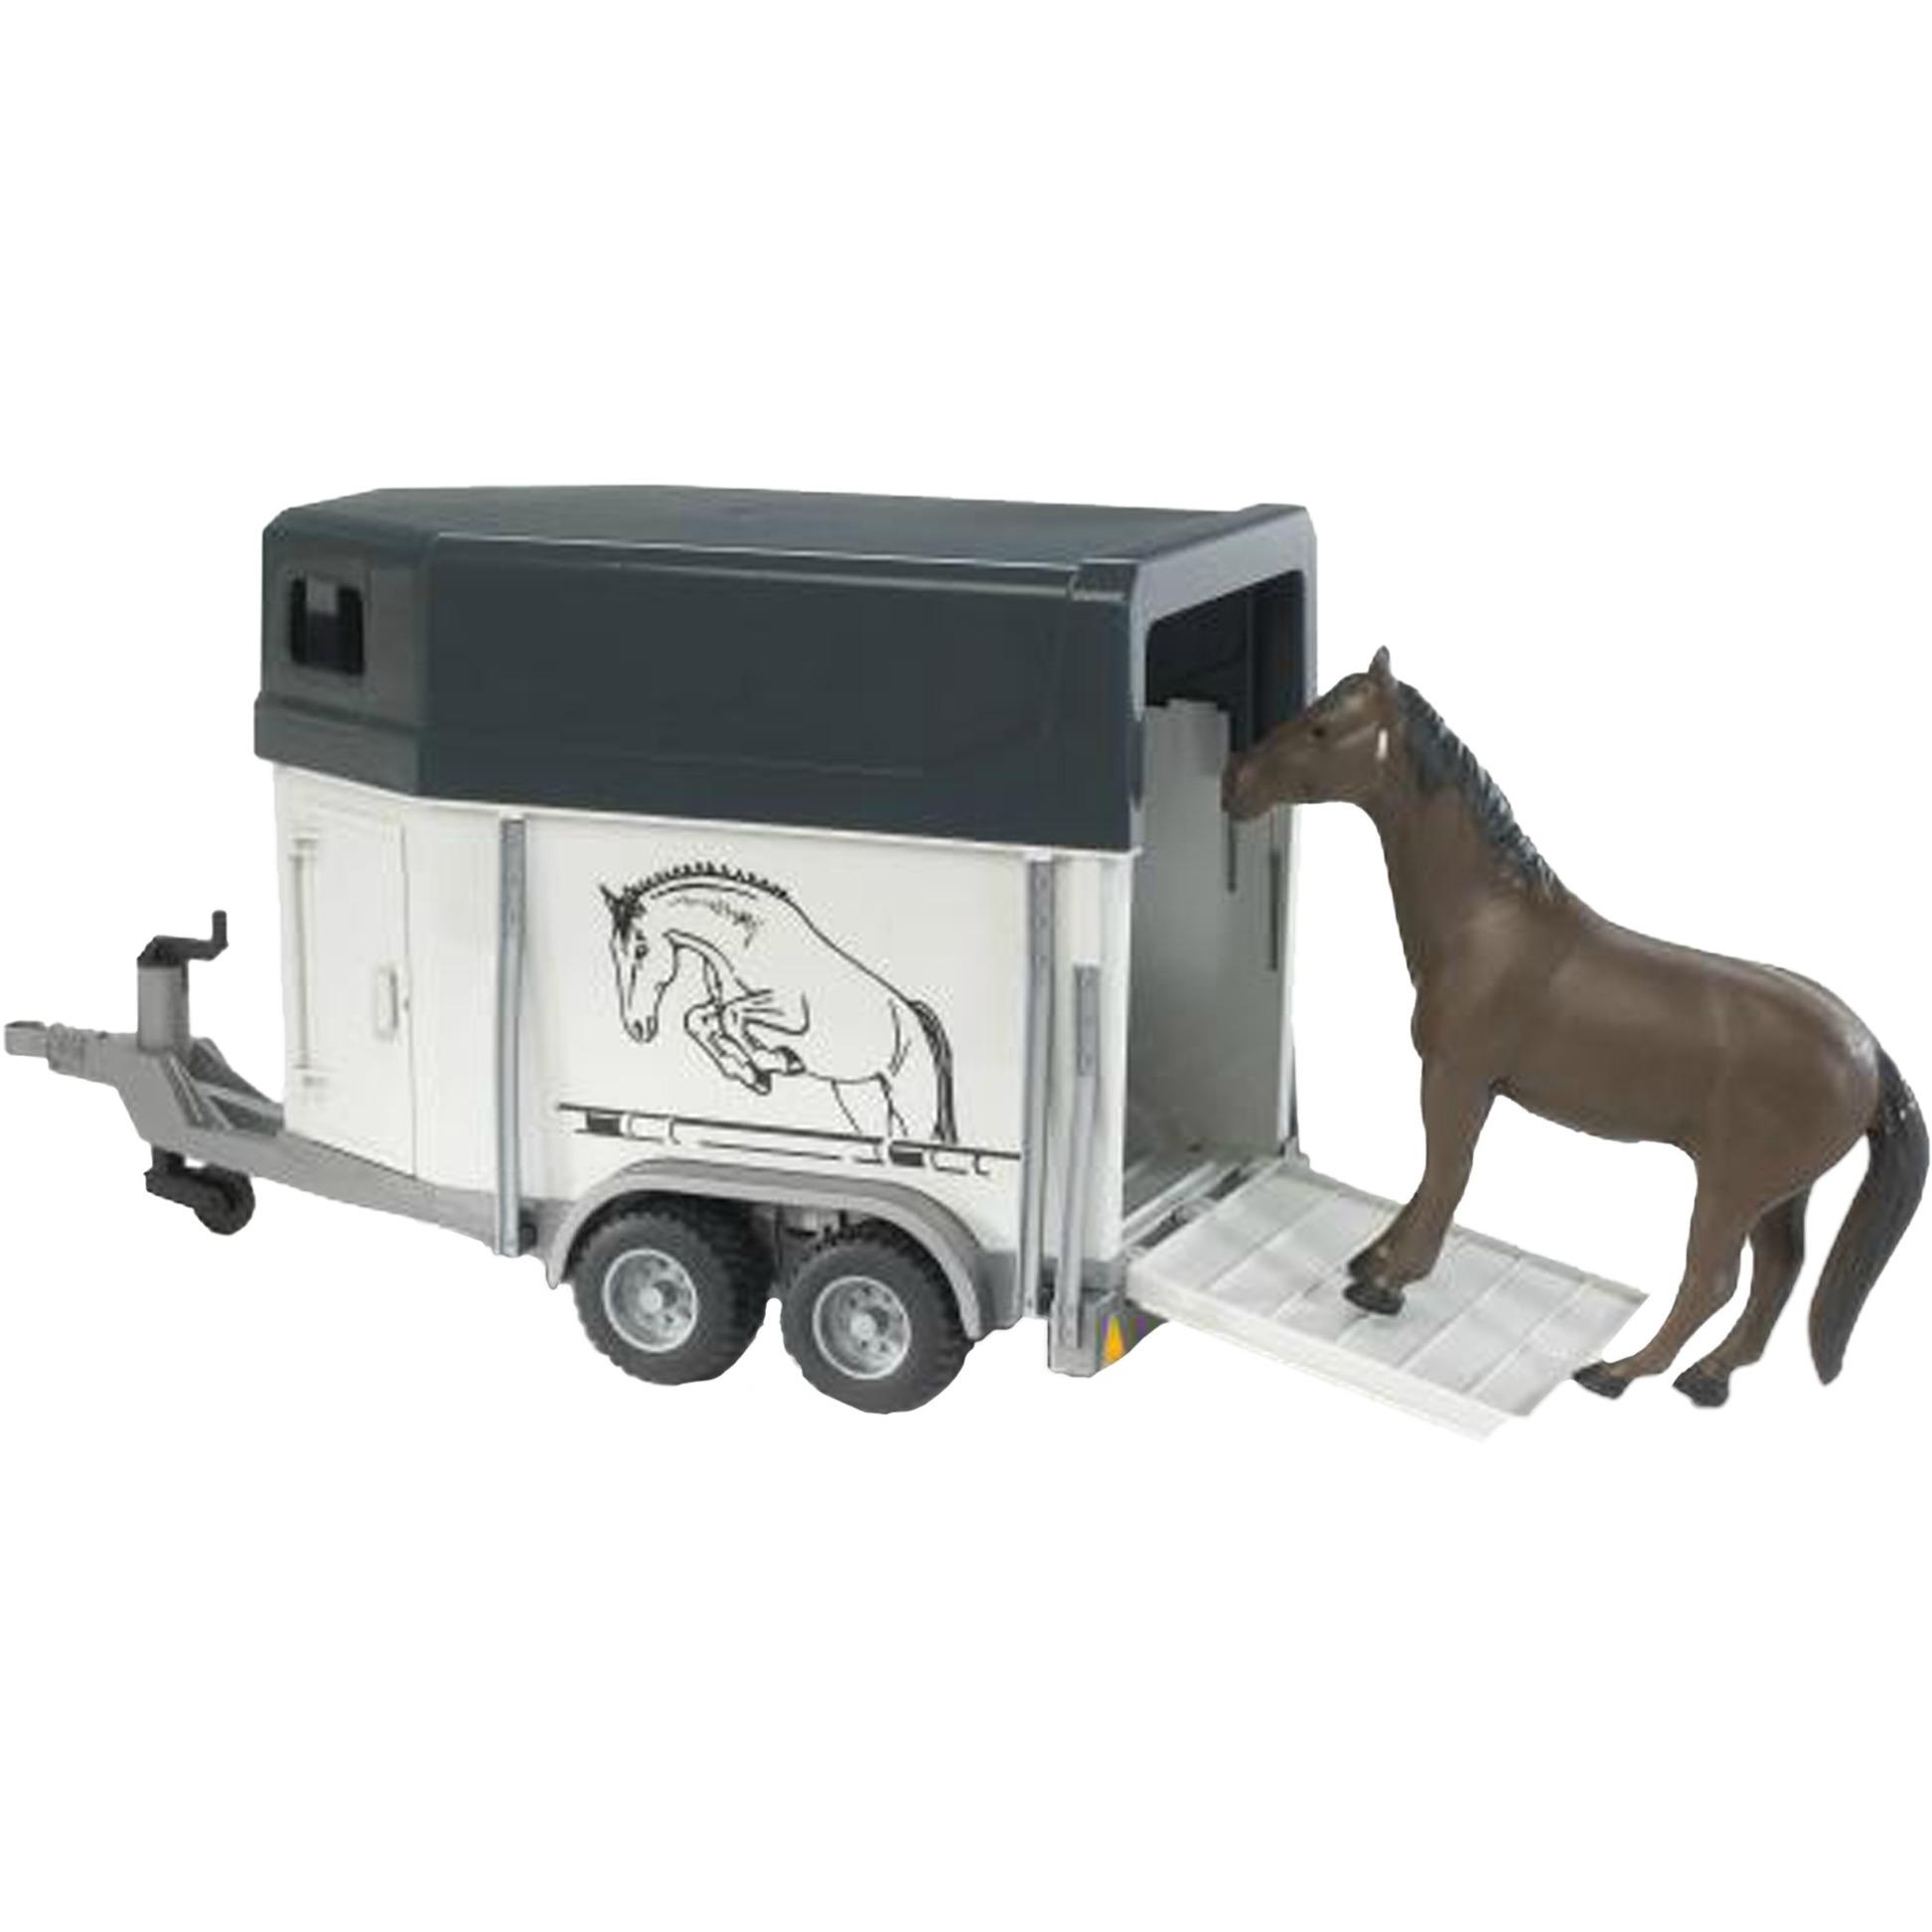 02028 modelo de vehículo de tierra Previamente montado Modelo a escala de camión/tráiler 1:16, Automóvil de construcción